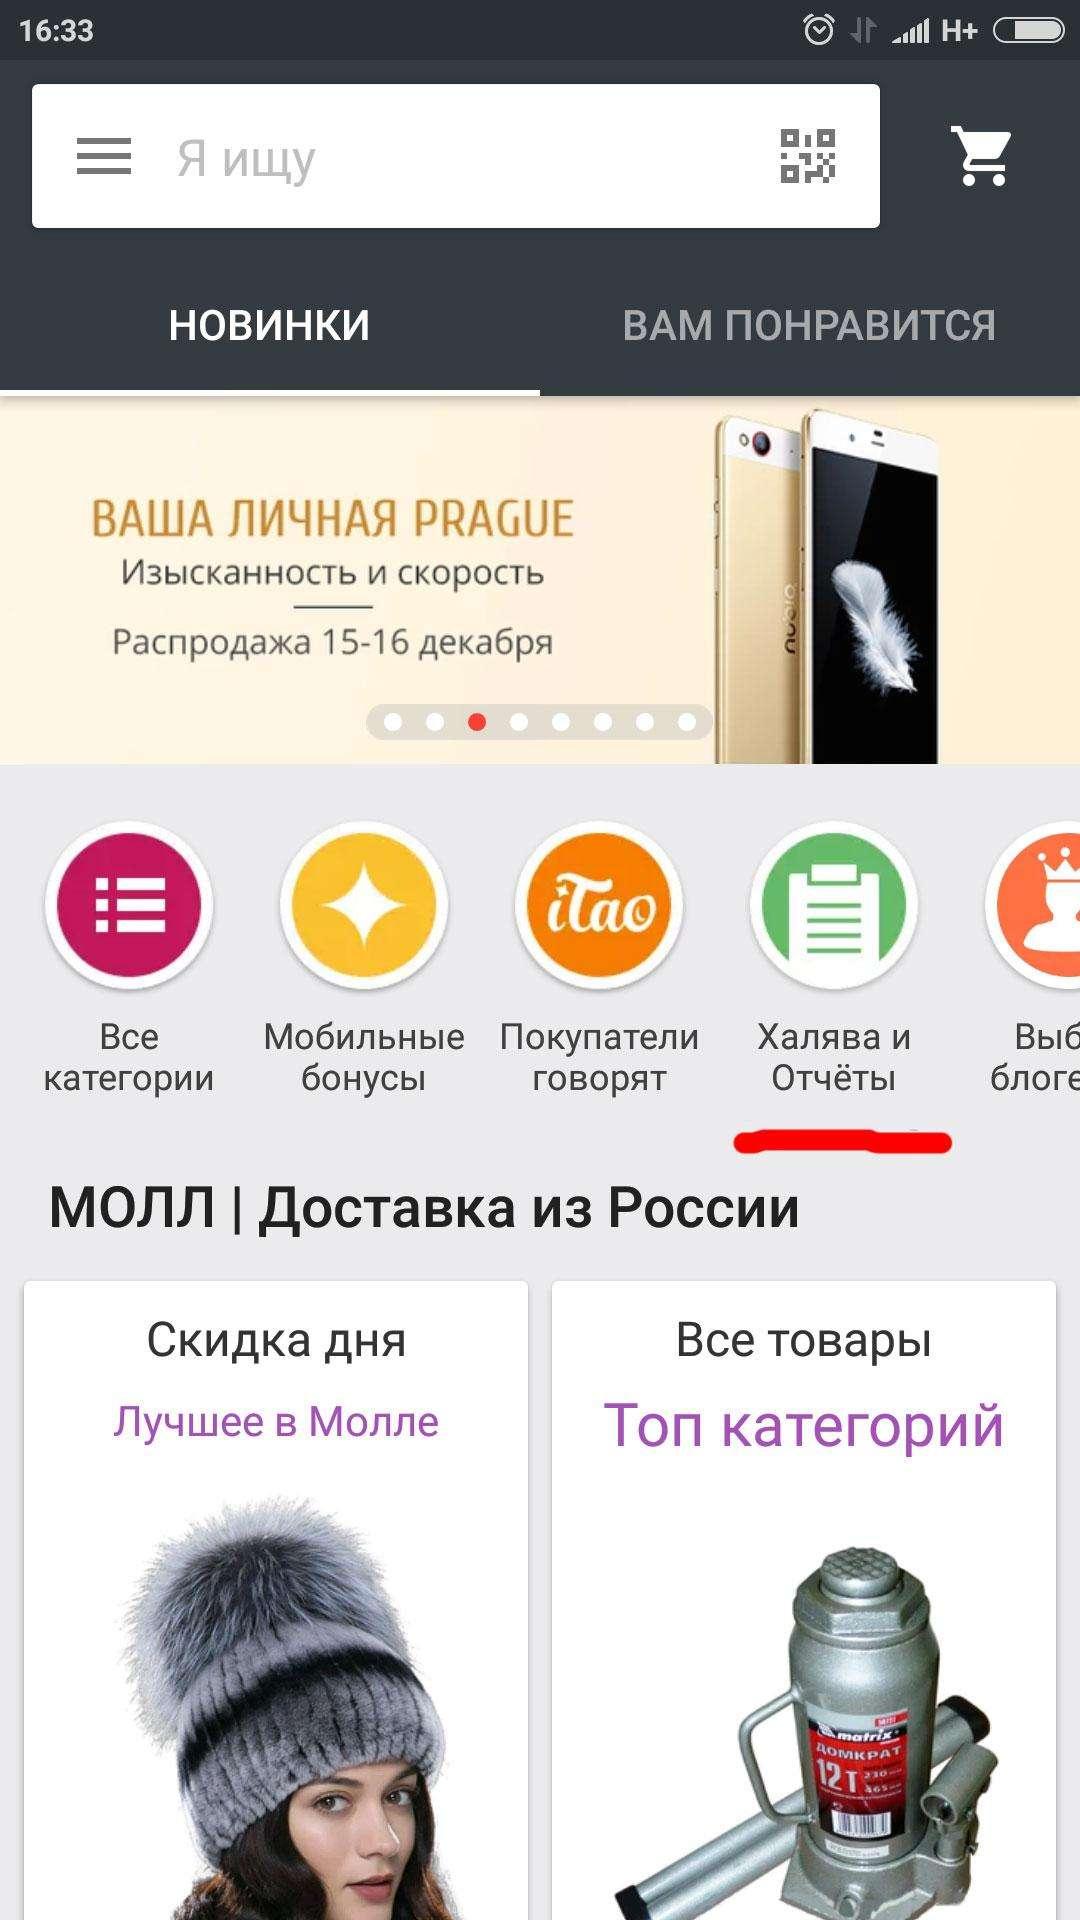 085b7eff0e3251f Вполне возможно, что таким образом Алиэкспресс пытается повысить  популярность своего приложения для мобильных устройств. Дополнительные  скидки, халява ...